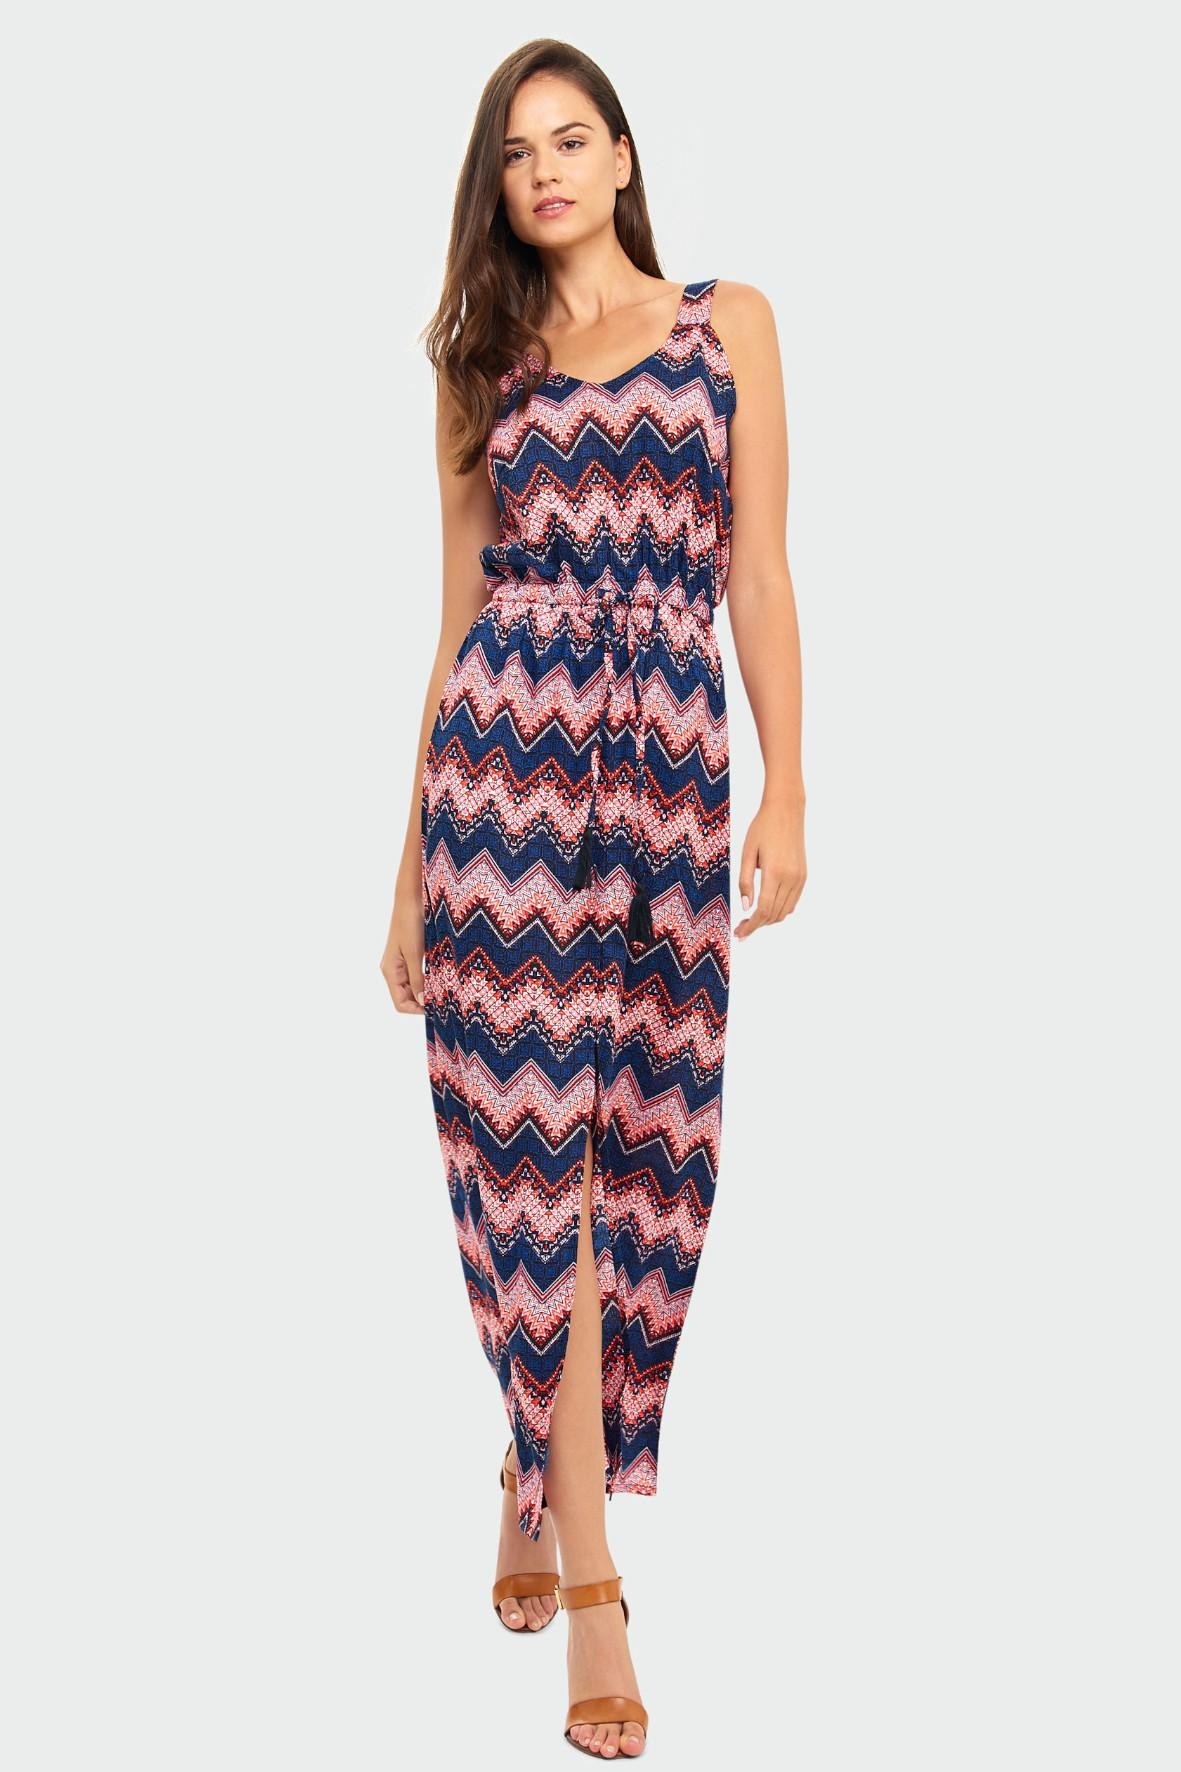 Kolorowa długa wiskozowa sukienka w zygzaki